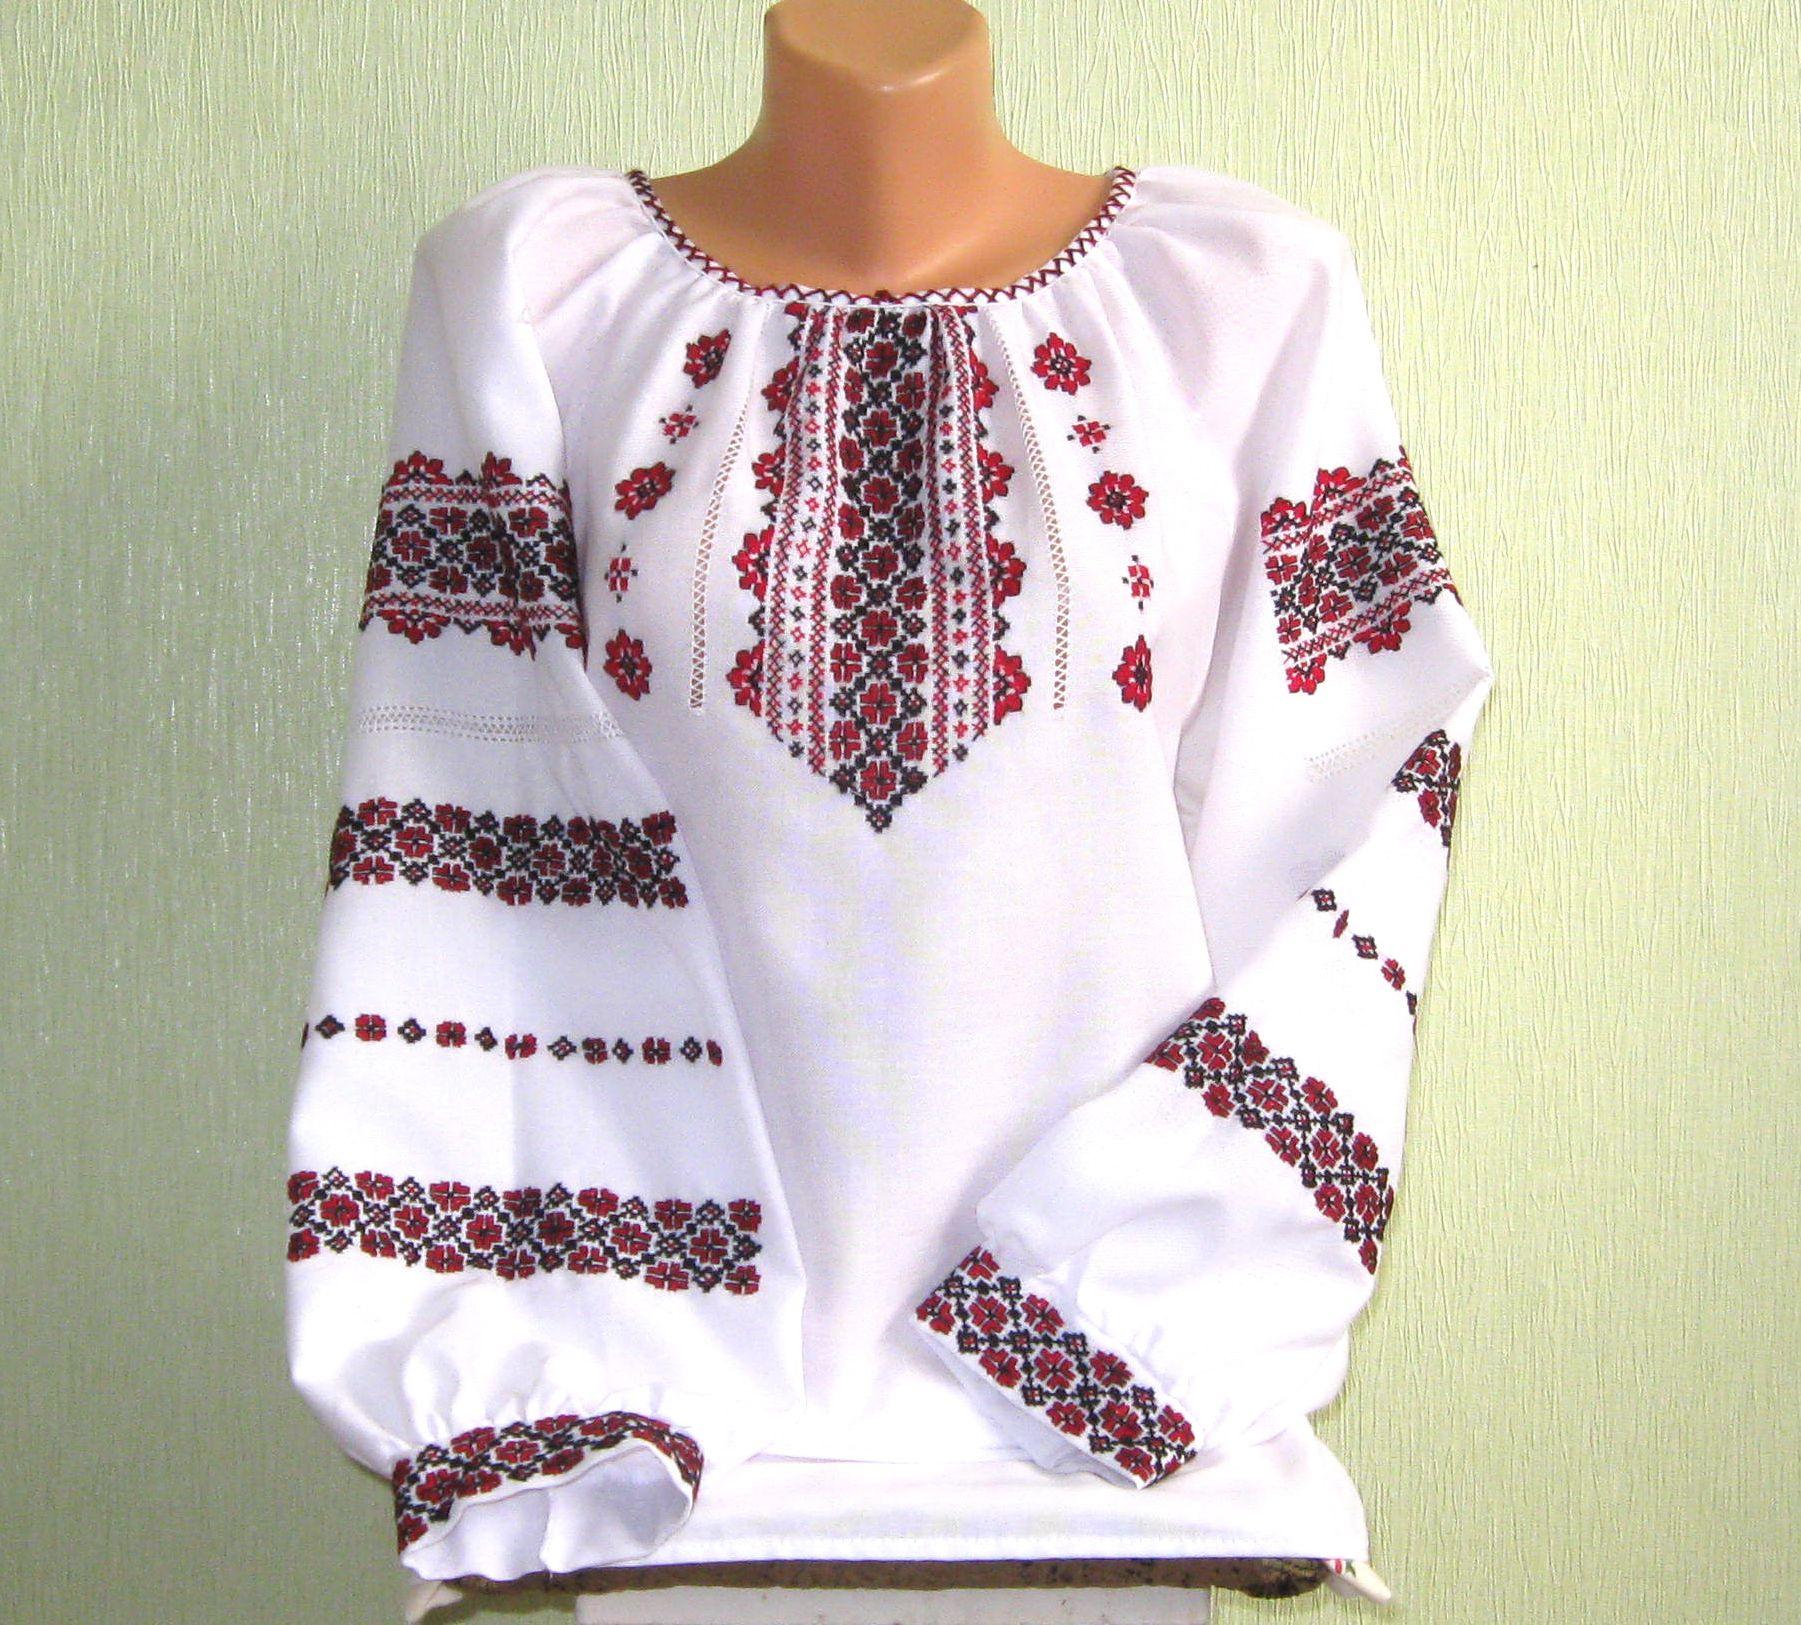 c38533dd1c65d7 сучасна вишиванка для дівчини - Товари - Вишиванки ручної роботи від ...